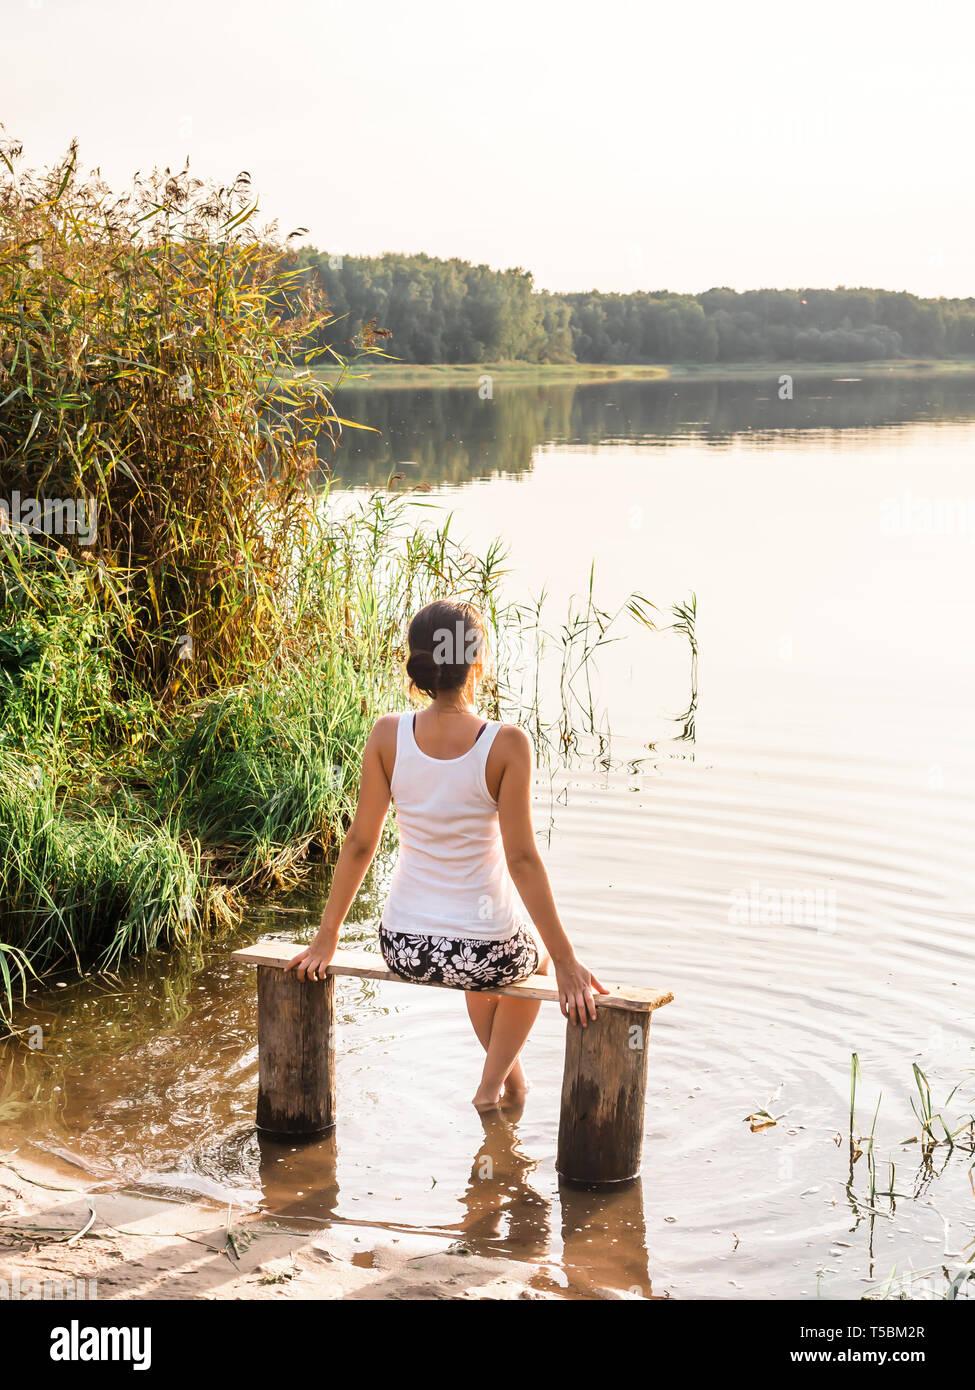 0059097f5 Pensativo niña sentada en un banco del río y disfruta de un hermoso  atardecer. Chica